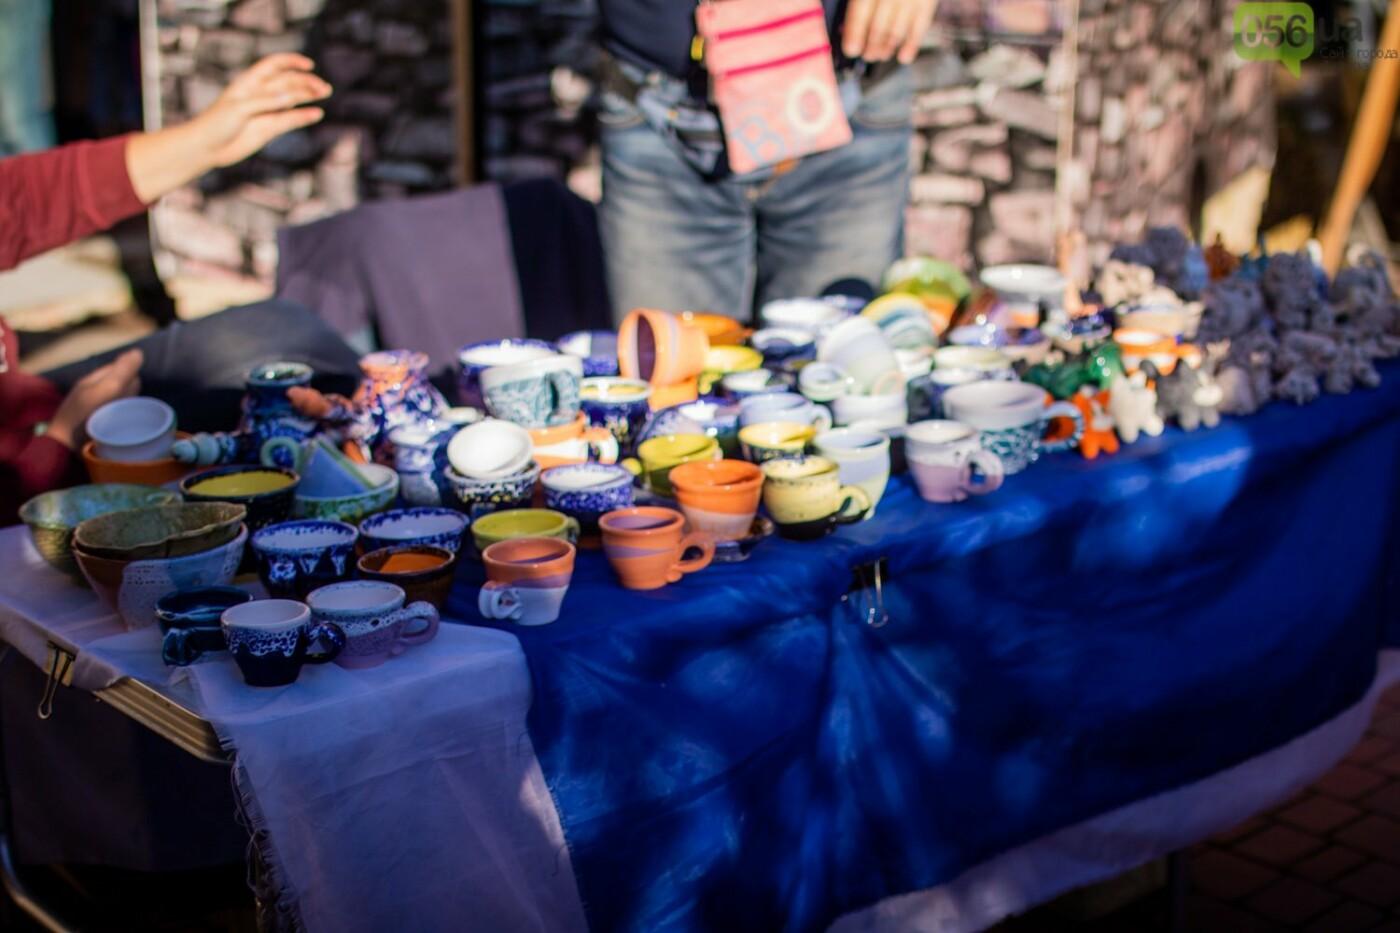 Кофейные ароматы, шоколад и солнце: как в Днепре прошел фестиваль «Осень с привкусом кофе», - ФОТОРЕПОРТАЖ, фото-6